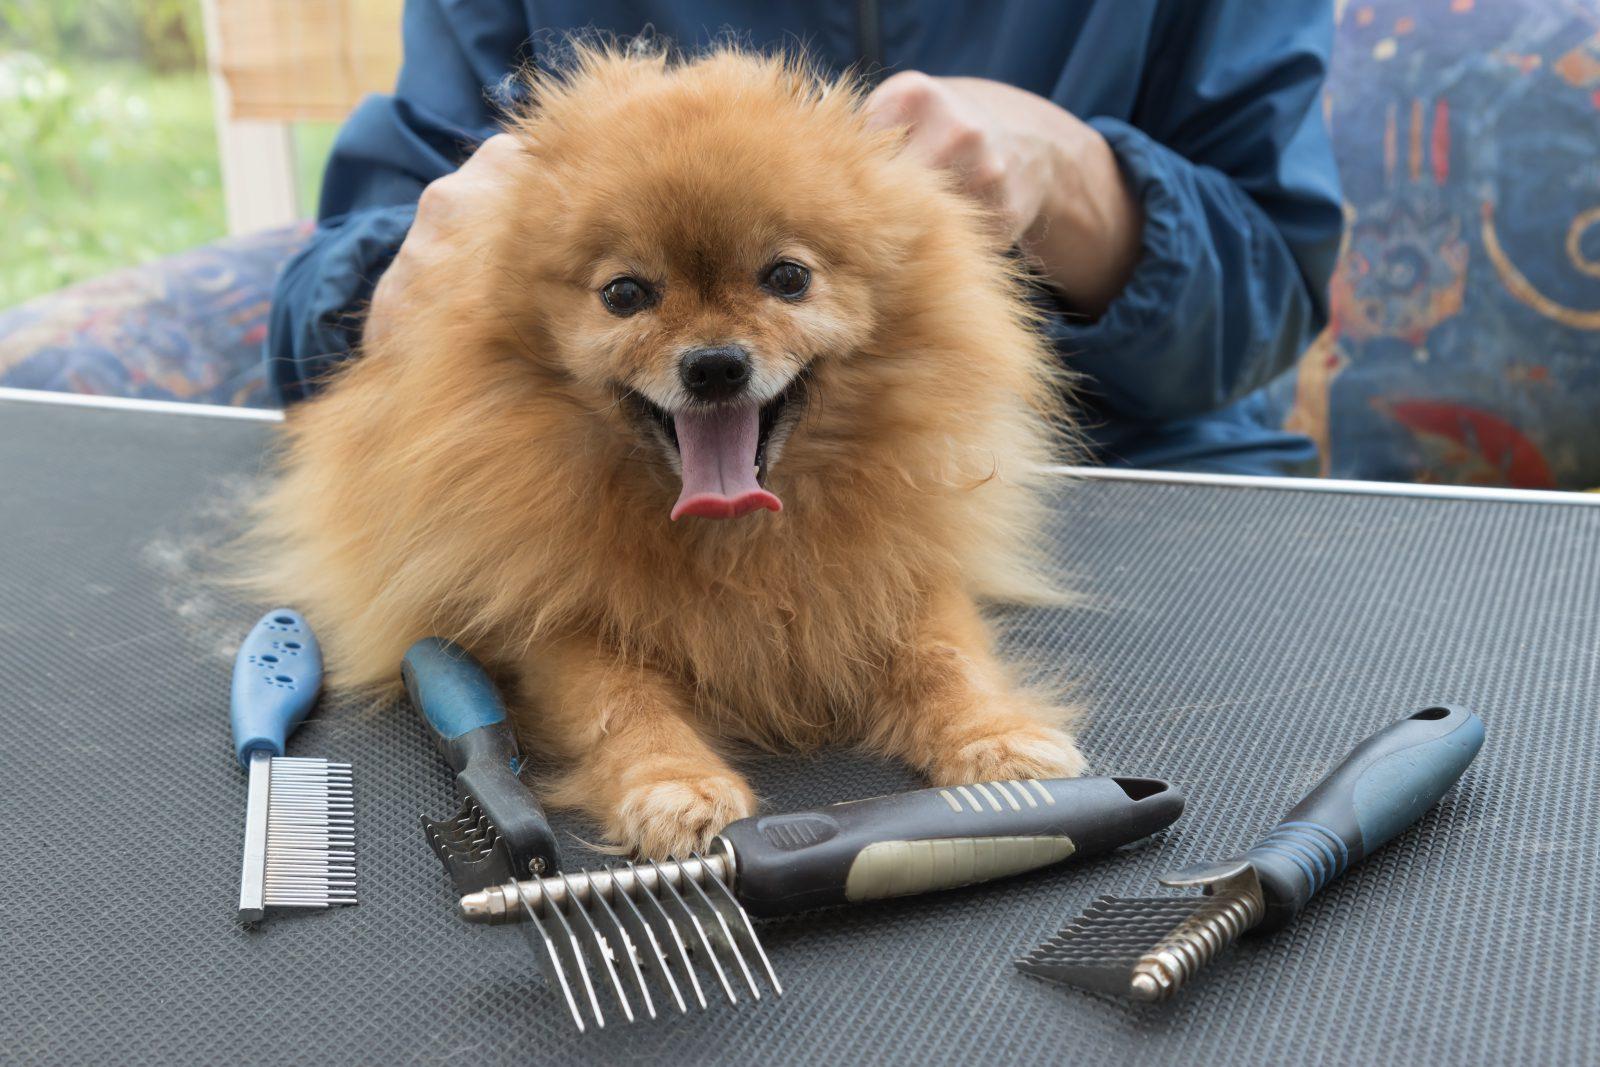 máquina de tosar cachorro: Lulu da Pomerância sendo cuidado antes da tosa